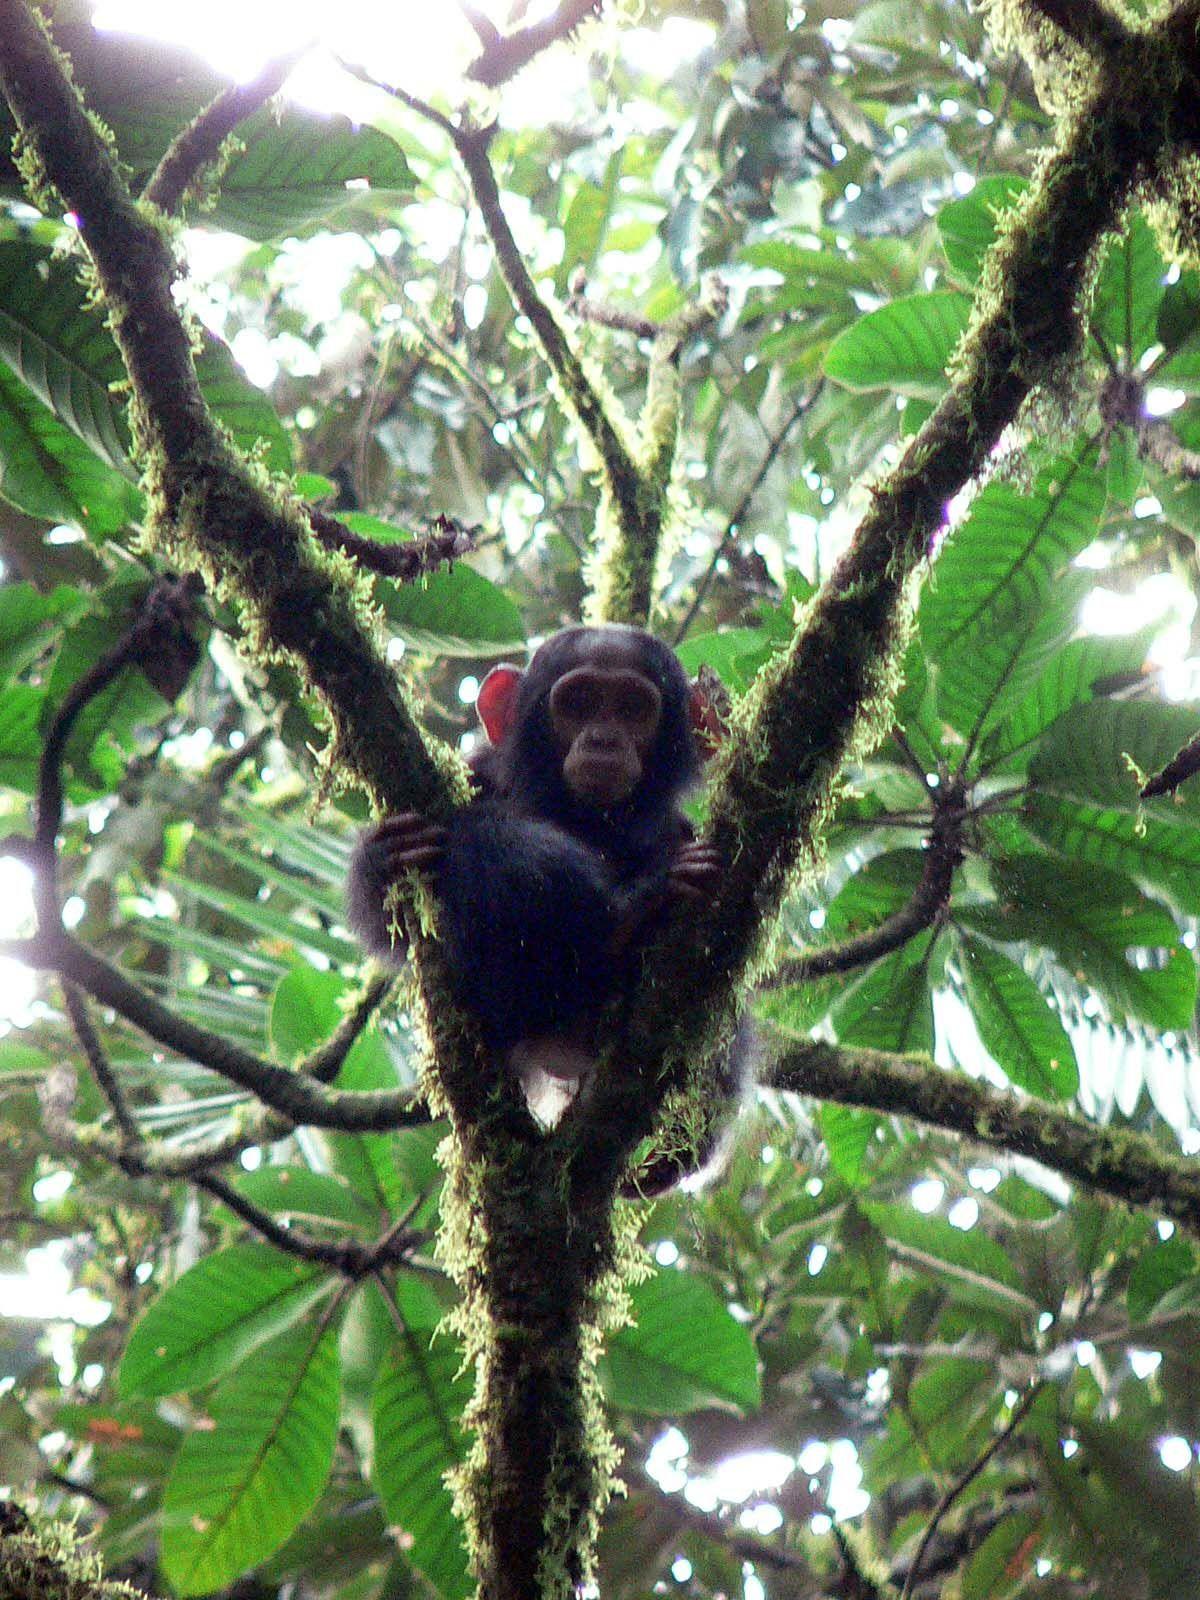 Scary Gorilla       Chimpanzee Attack , Scary Gorilla